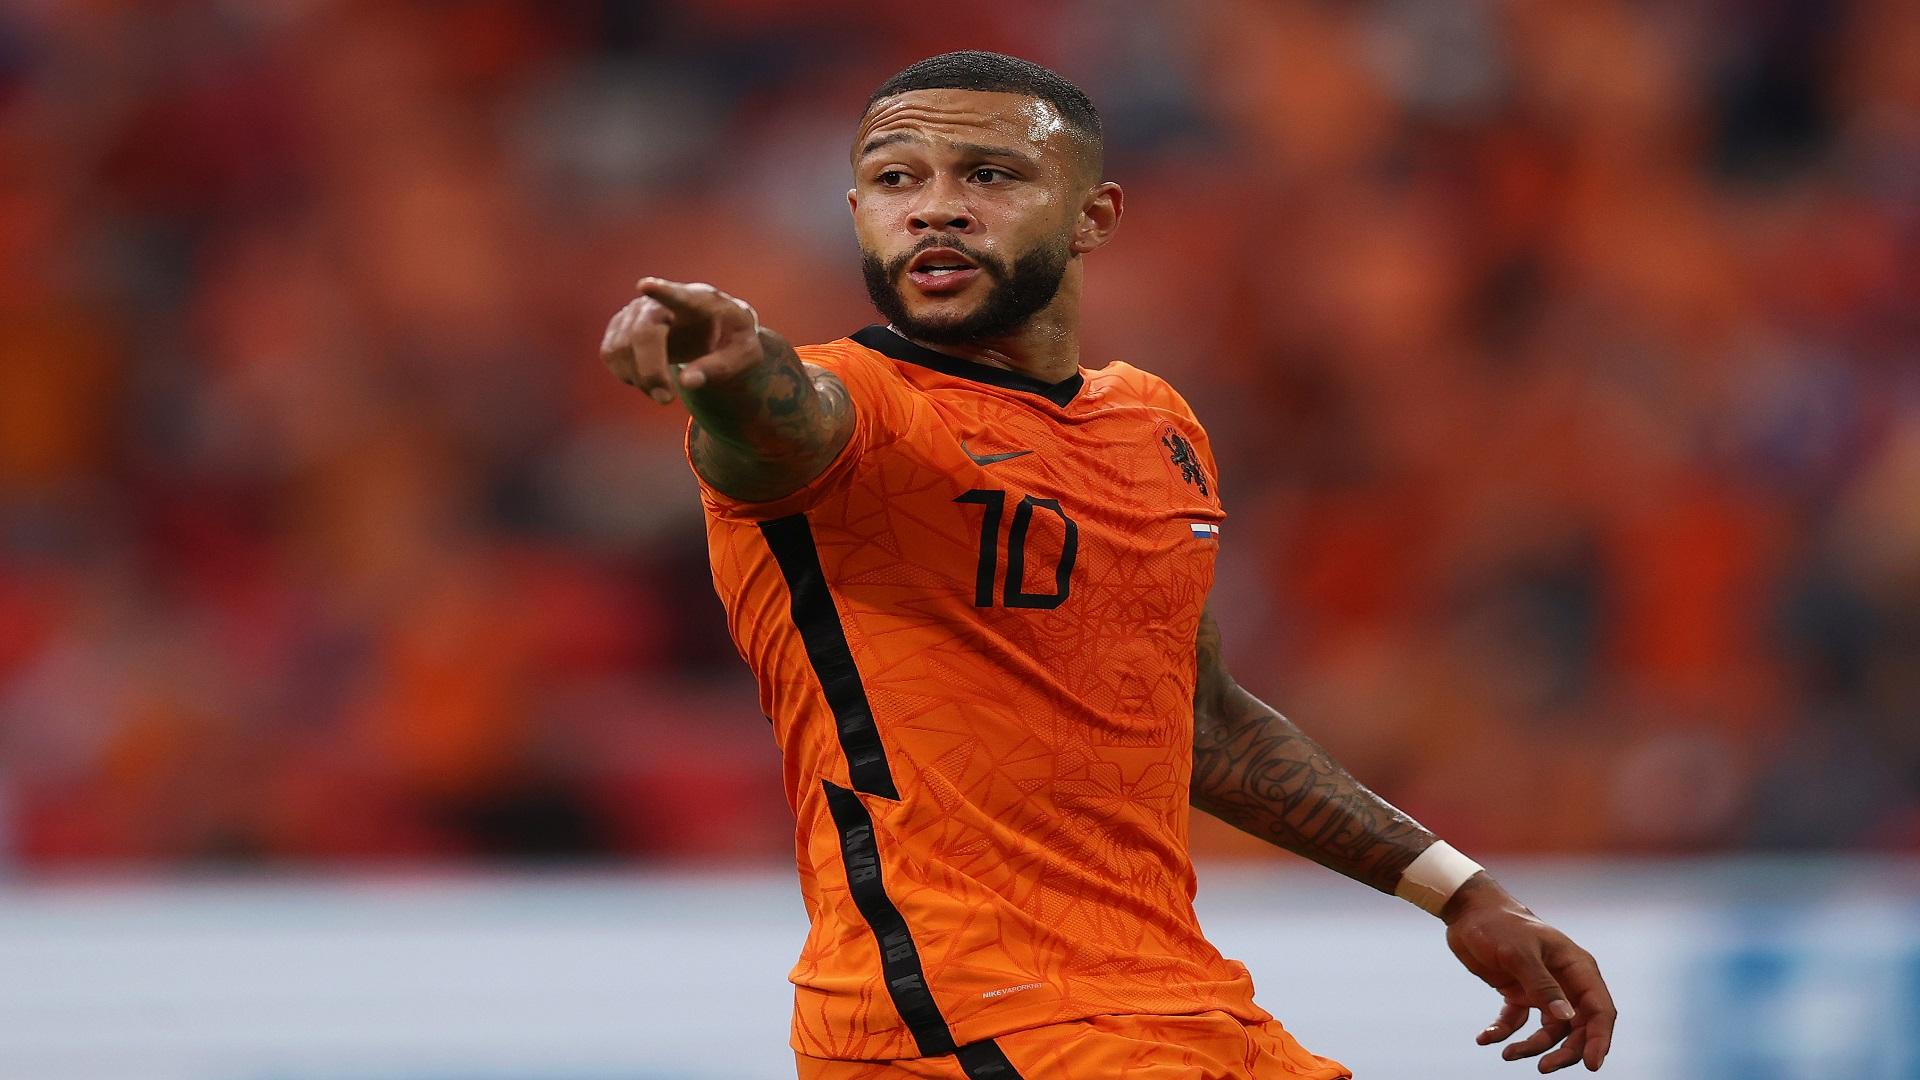 برشلونة يُعلن صفقته الرابعة بضم الهولندي ديباي